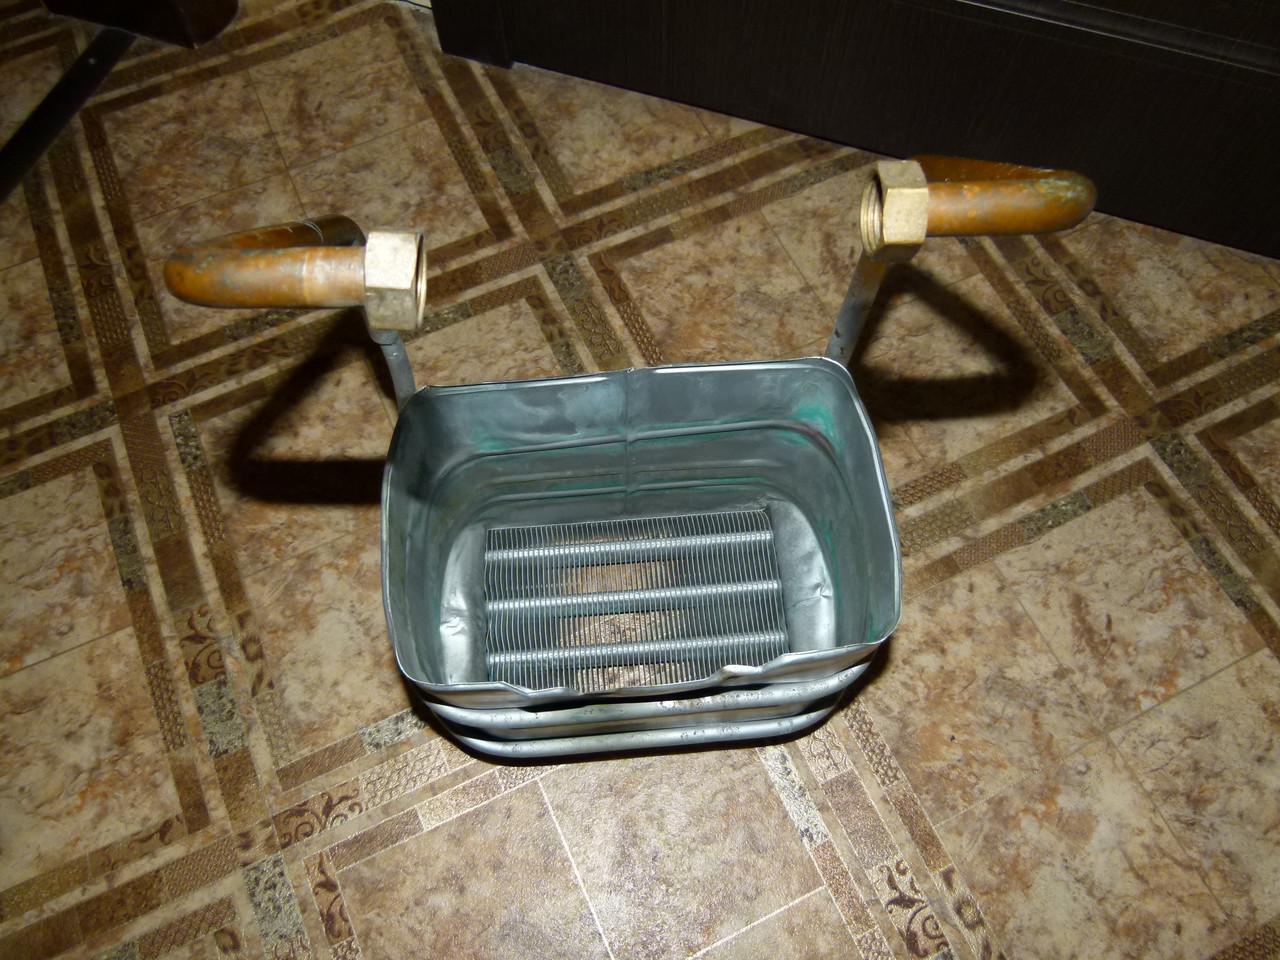 Beretta idrabagno 11 теплообменник купить прочистка теплообменника котла своими руками